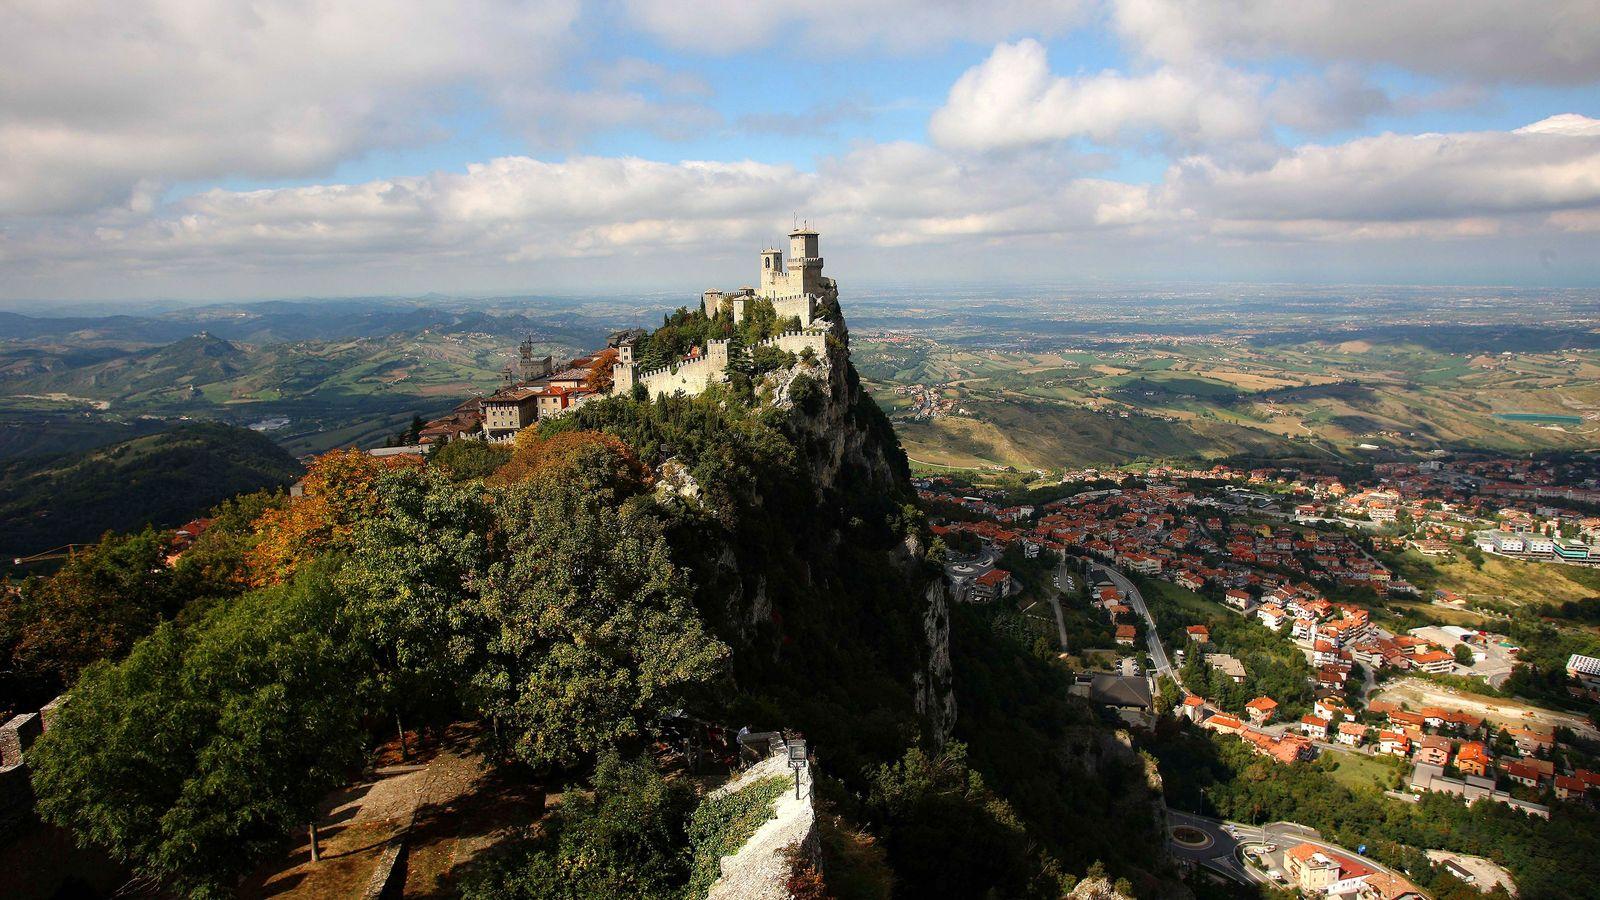 Mit einer Fläche von nur 61 km² ist San Marino ein Zwergstaat, aber der Ausblick von ...